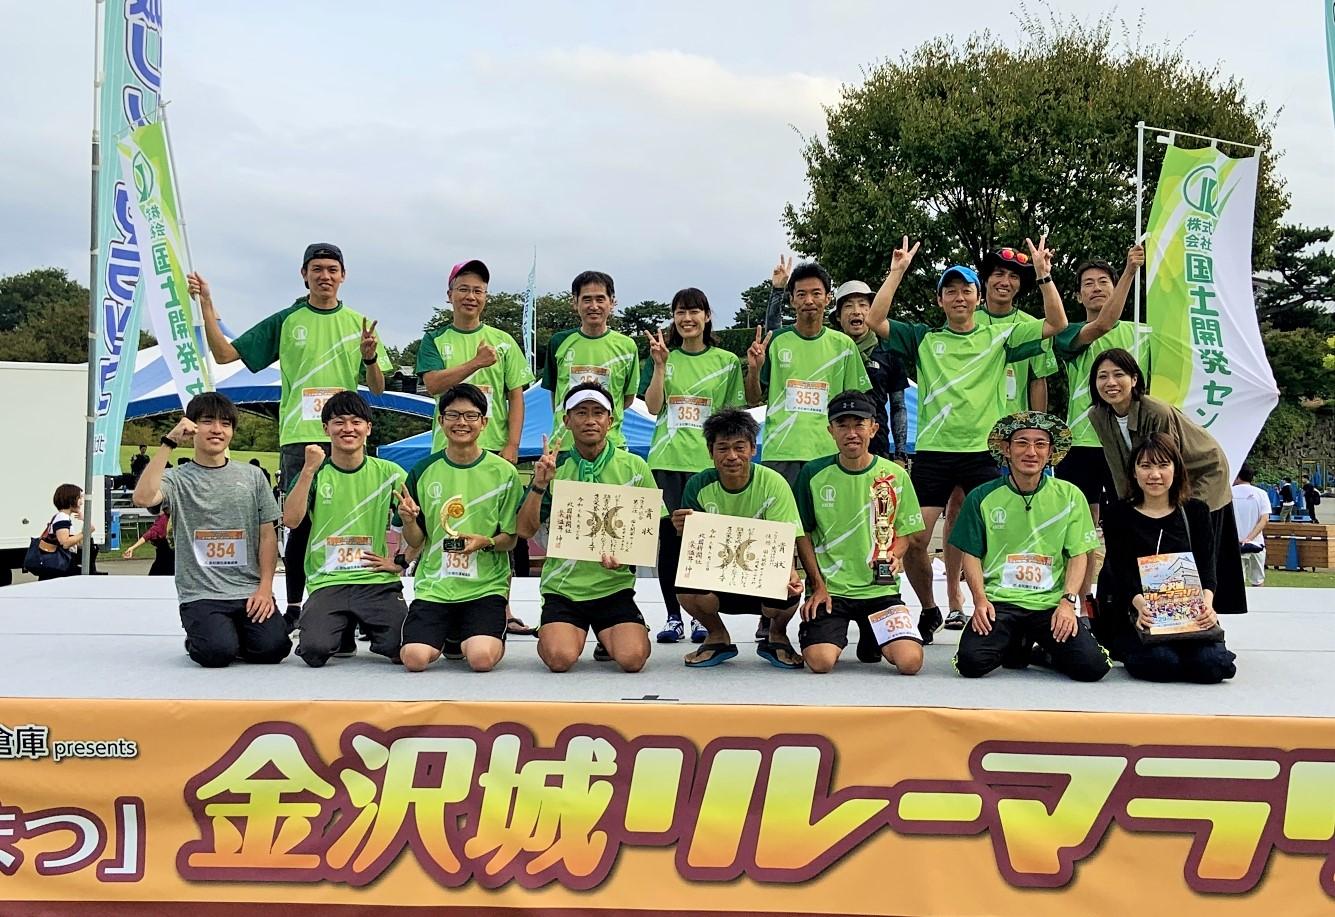 【報告】金沢城リレーマラソン2019~秋の陣~職場仲間部門優勝しました